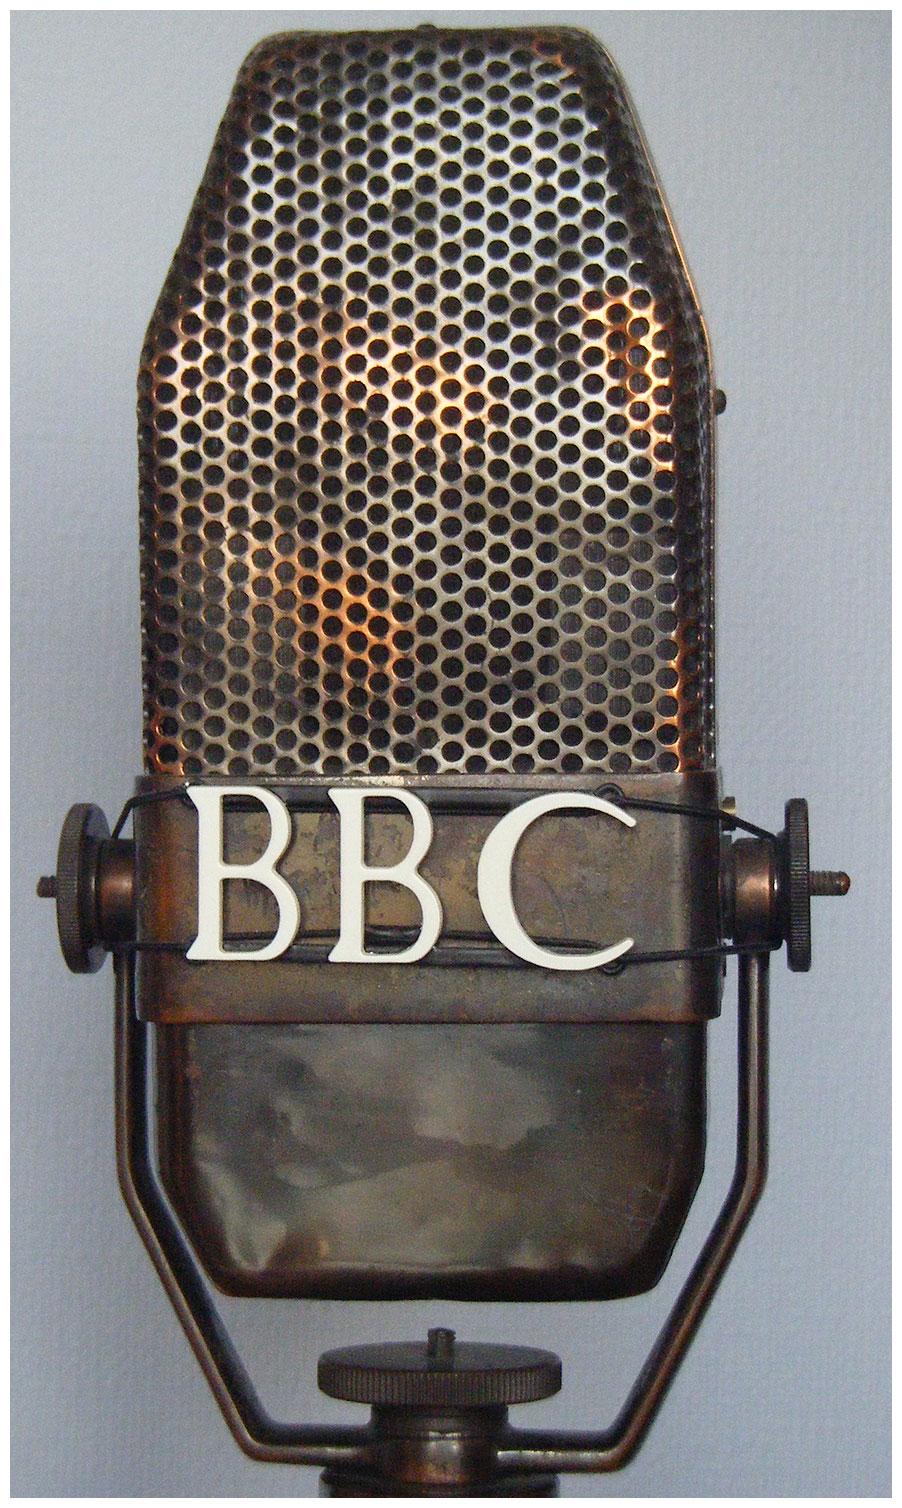 bbcmic